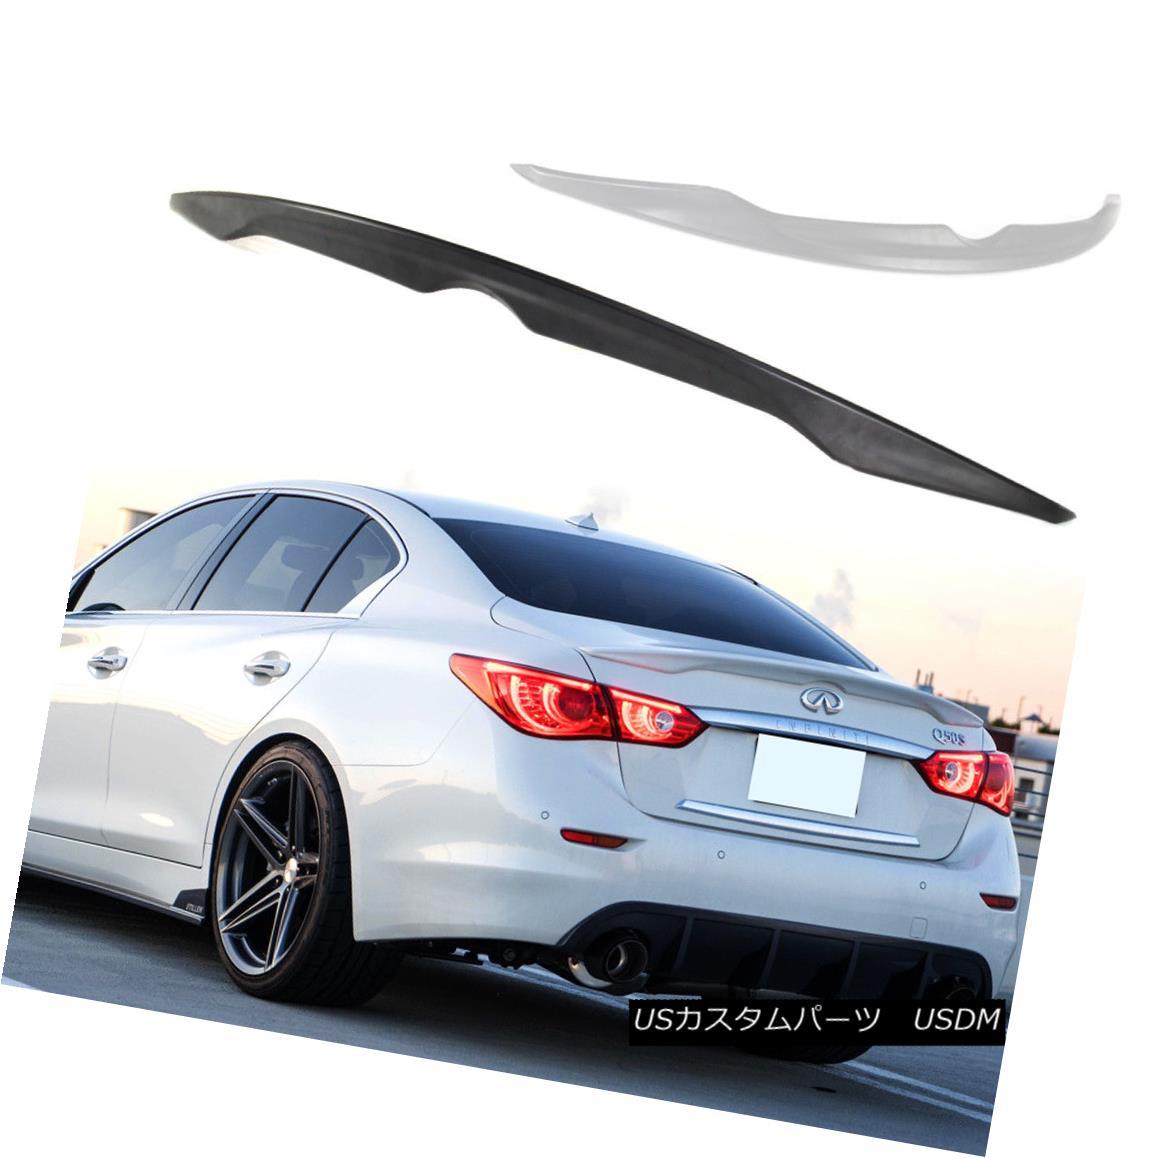 エアロパーツ ABS Paint Color For INFINITI Q50 OE Type Rear Trunk Spoiler 4DR Sedan Sport ABSペイントカラーインフィニティQ50 OEタイプリアトランクスポイラー4DRセダンスポーツ